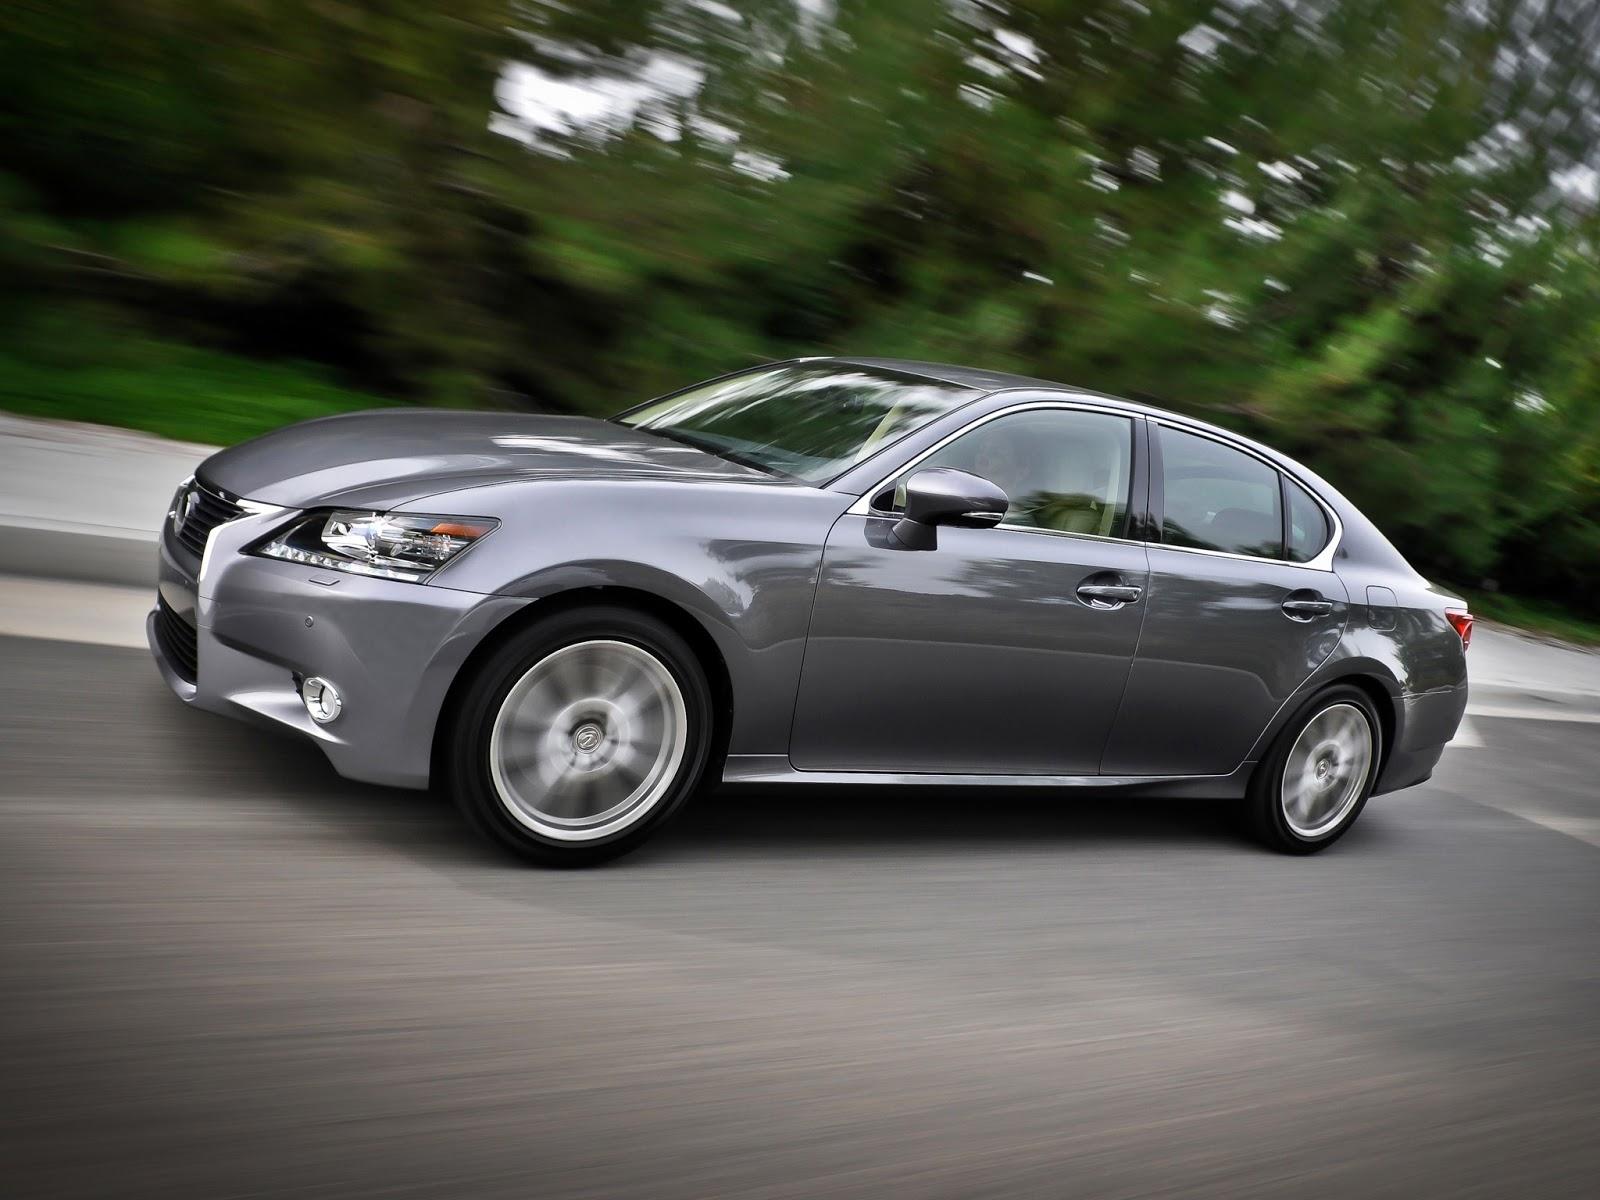 http://3.bp.blogspot.com/-7nUvAKjiDUA/UMsBS8qupHI/AAAAAAAAFoE/VAsekjBU94o/s1600/2013+Lexus+GS+250+3.jpg